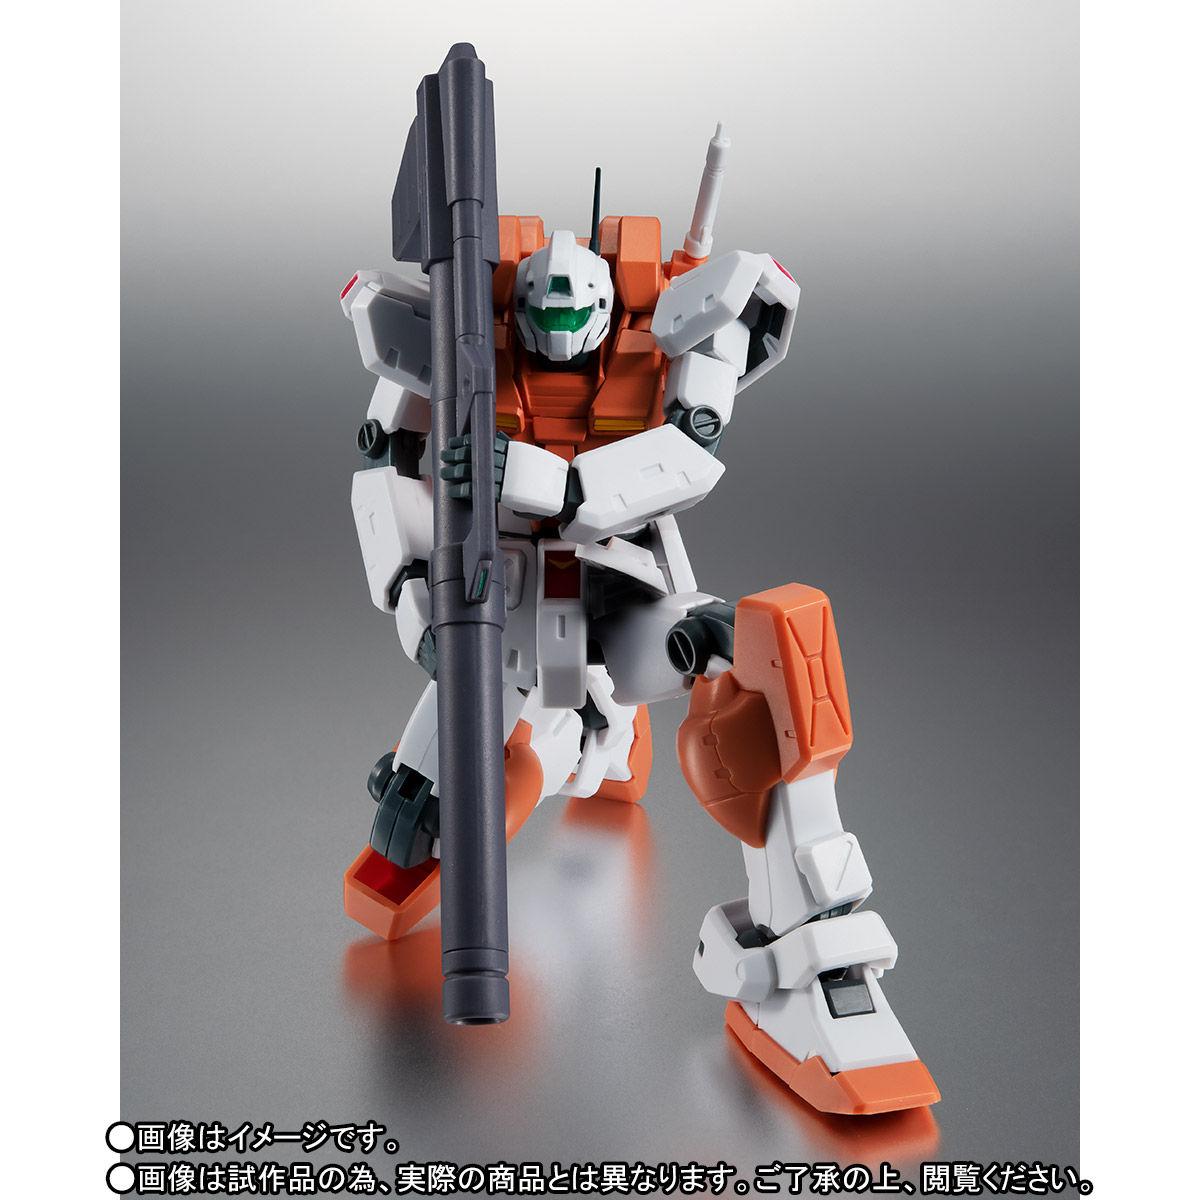 【限定販売】ROBOT魂〈SIDE MS〉『RGM-79 パワード・ジム ver. A.N.I.M.E.』ガンダム0083 可動フィギュア-008